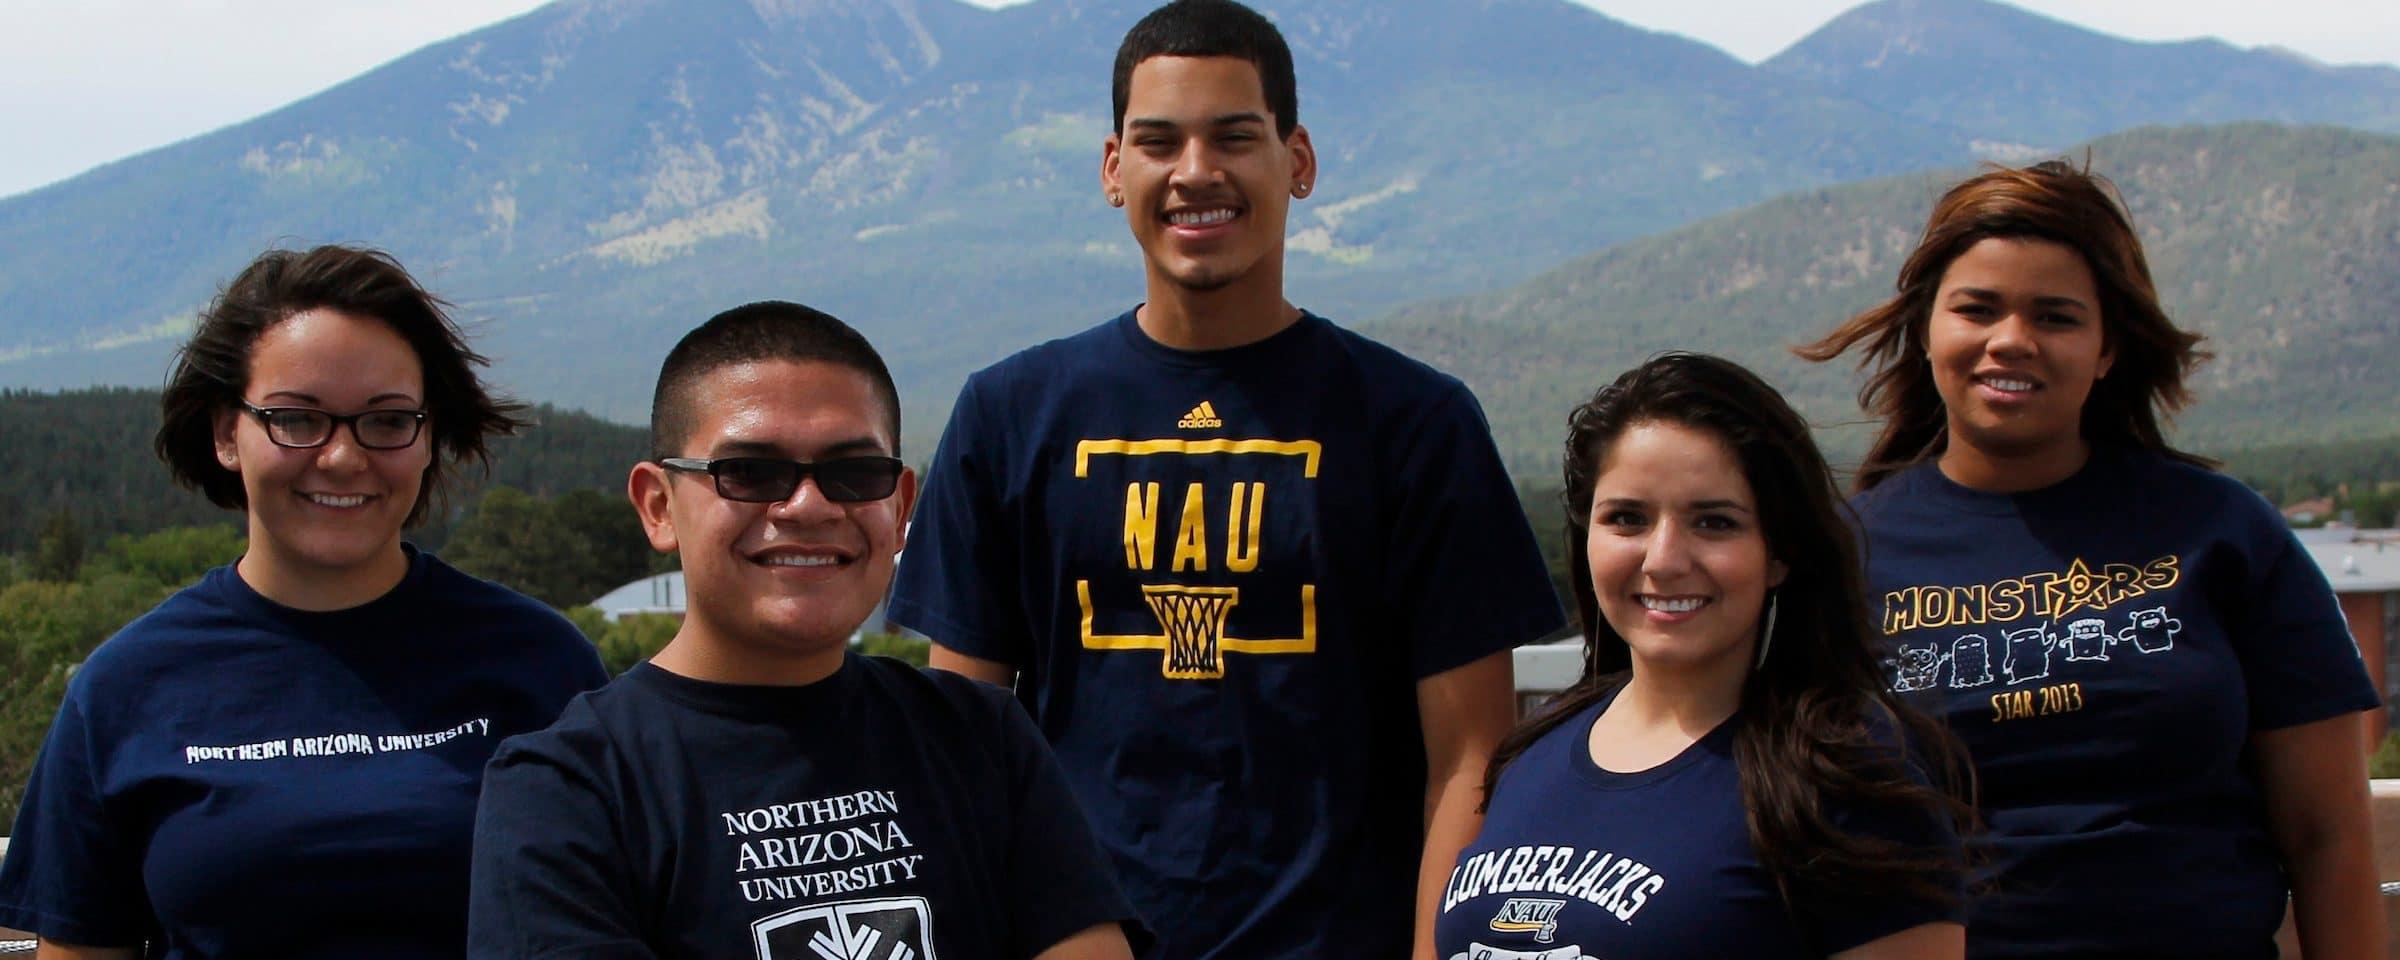 NAU STAR peer advisors